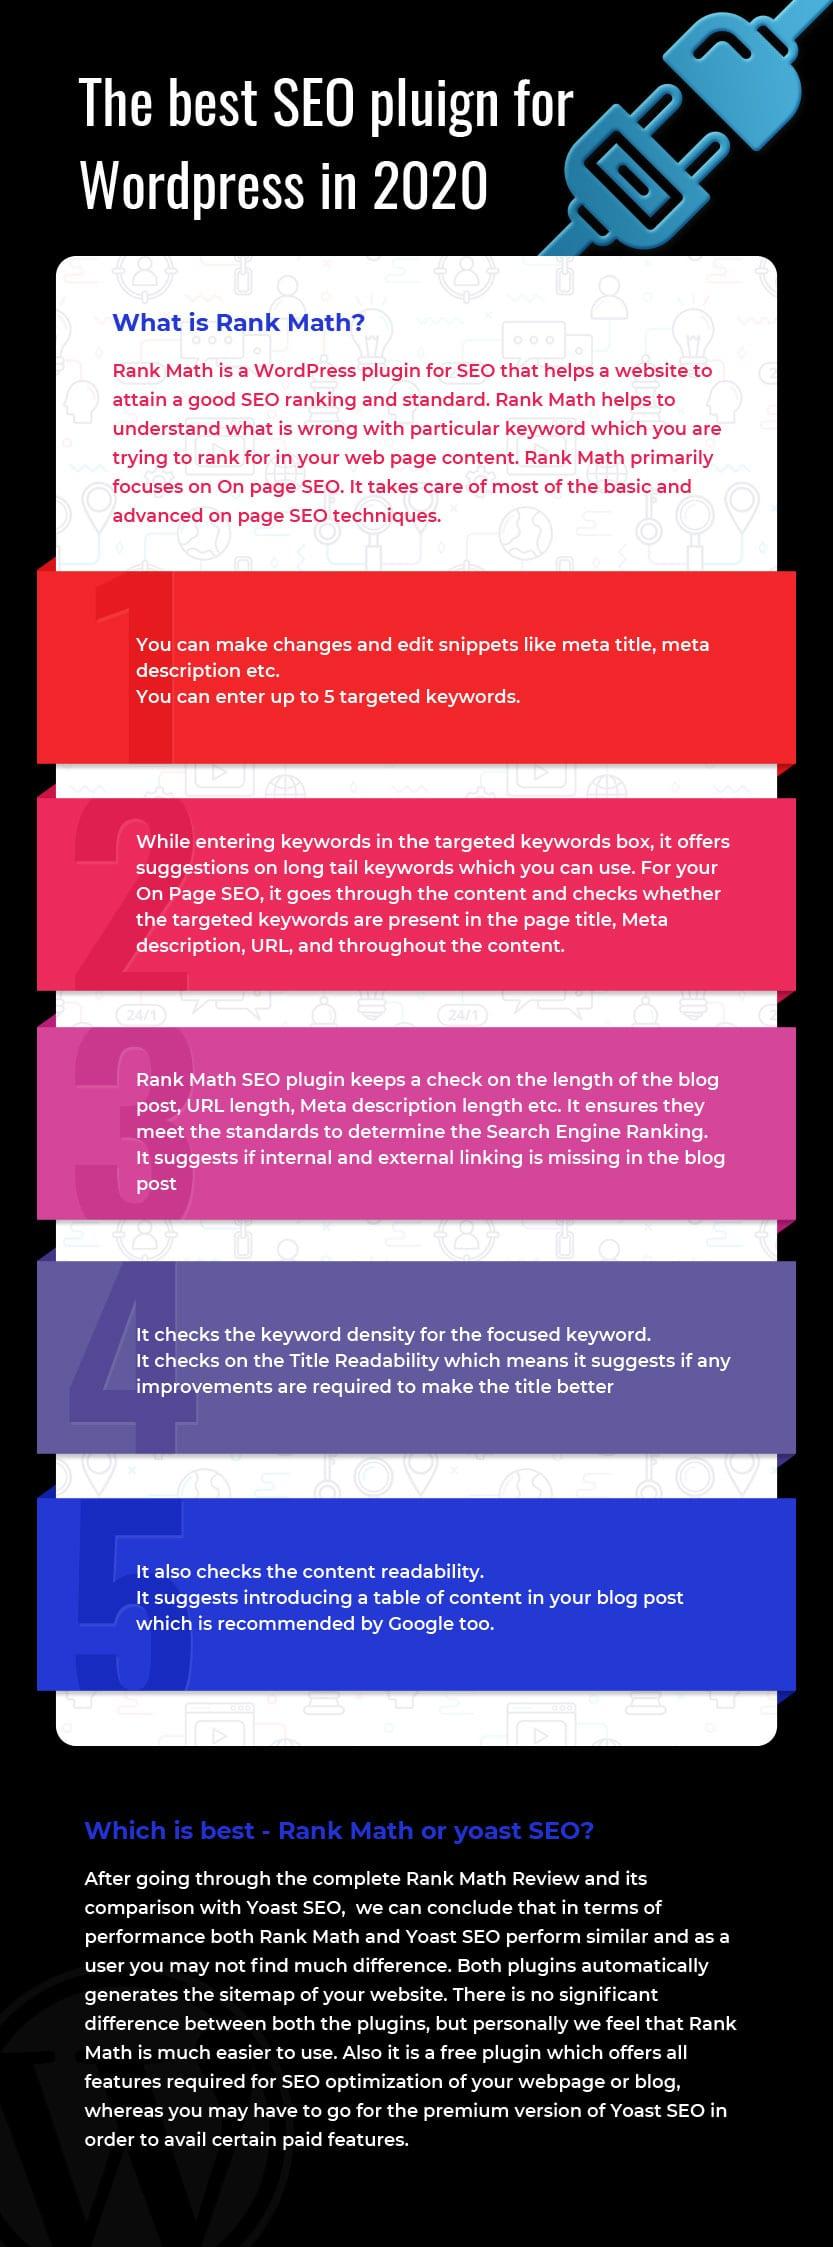 RankMath Infographic